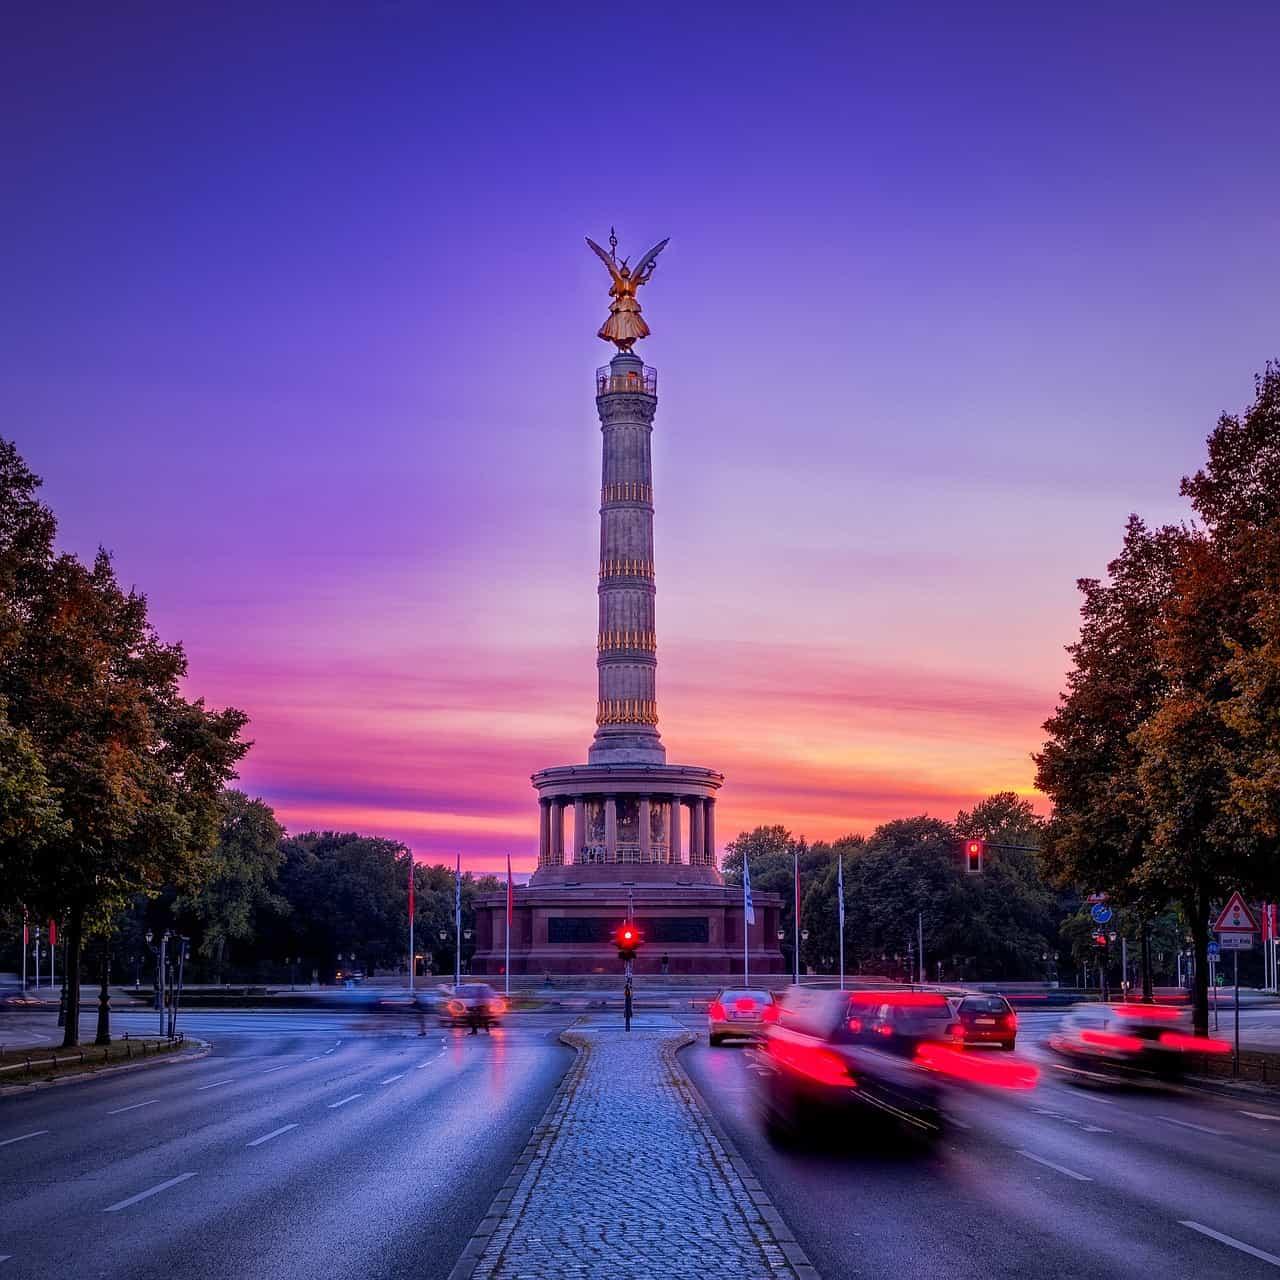 Fintech Investitionen Deutschland: Bei den Städten ist Berlin Spitze